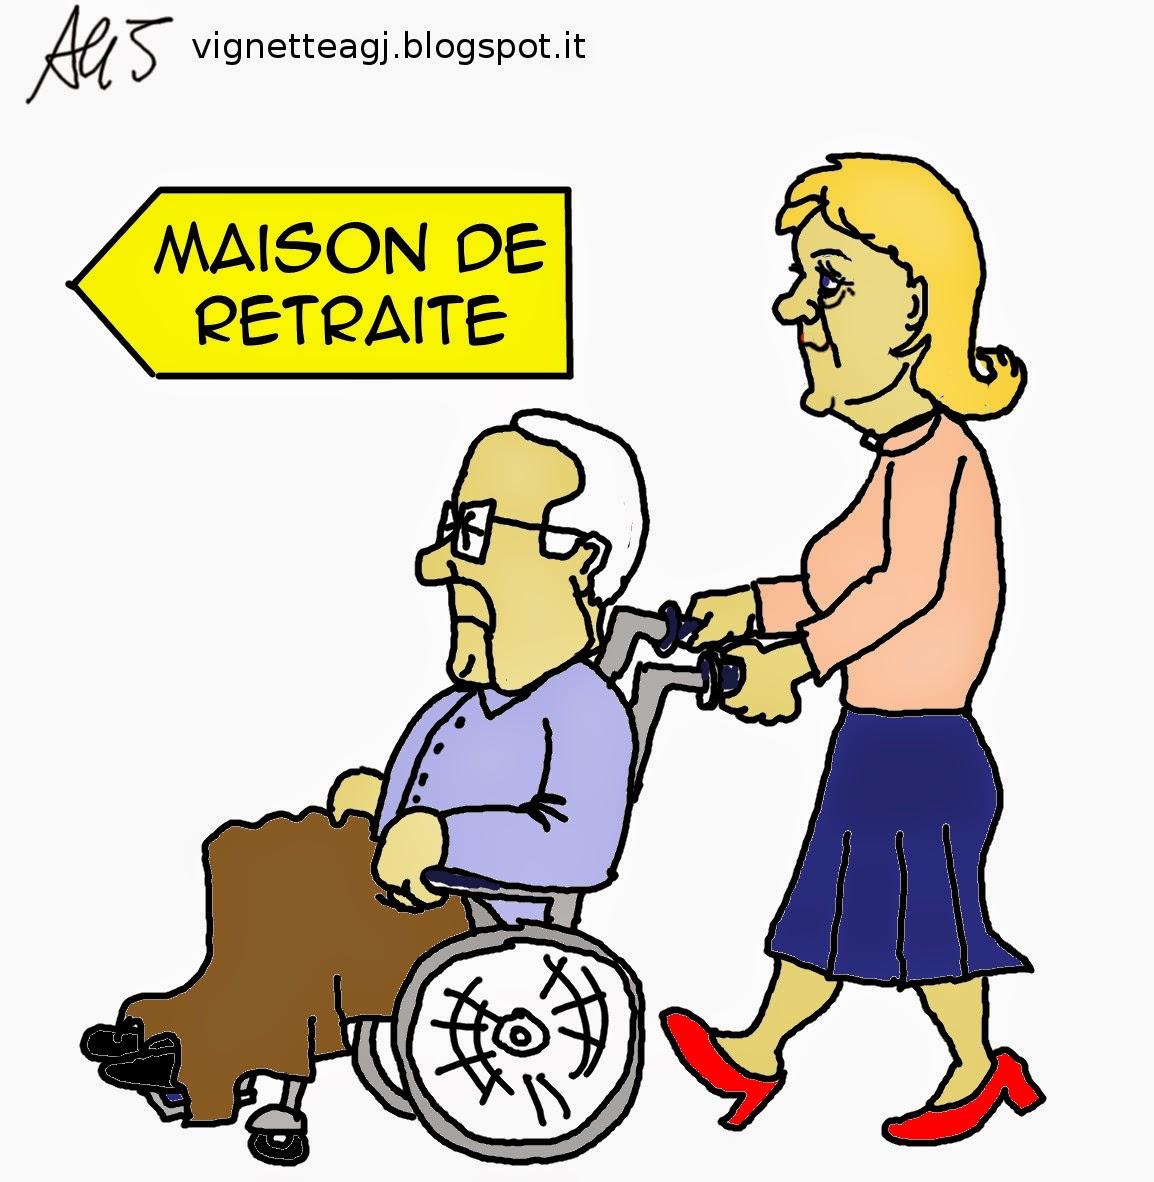 Marine Le Pen, Fn, satira, vignetta